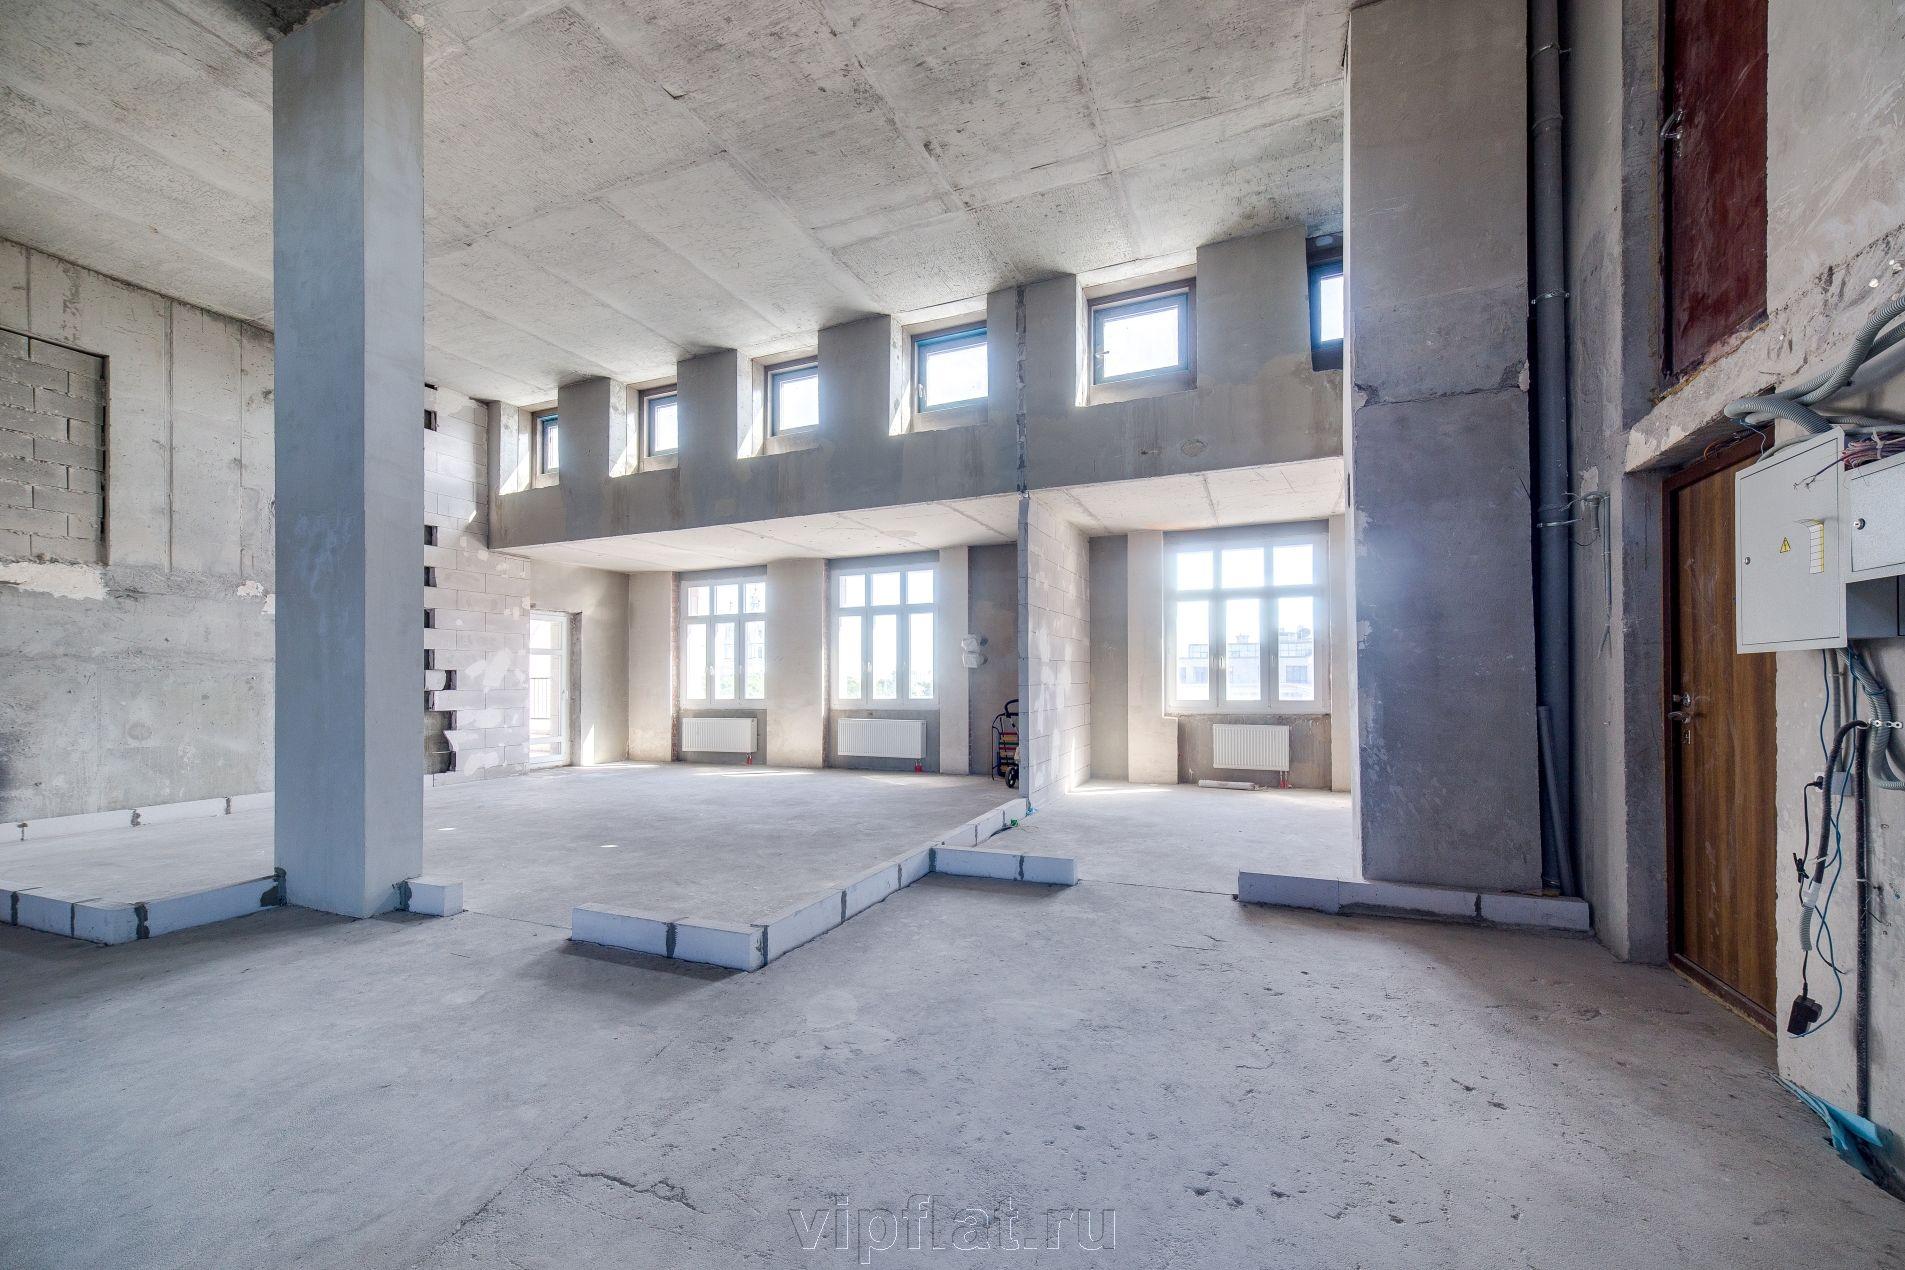 Продажа элитных квартир Санкт-Петербурга. Орловская ул, 1 Возможность воплощения самых смелых архитектурных решений